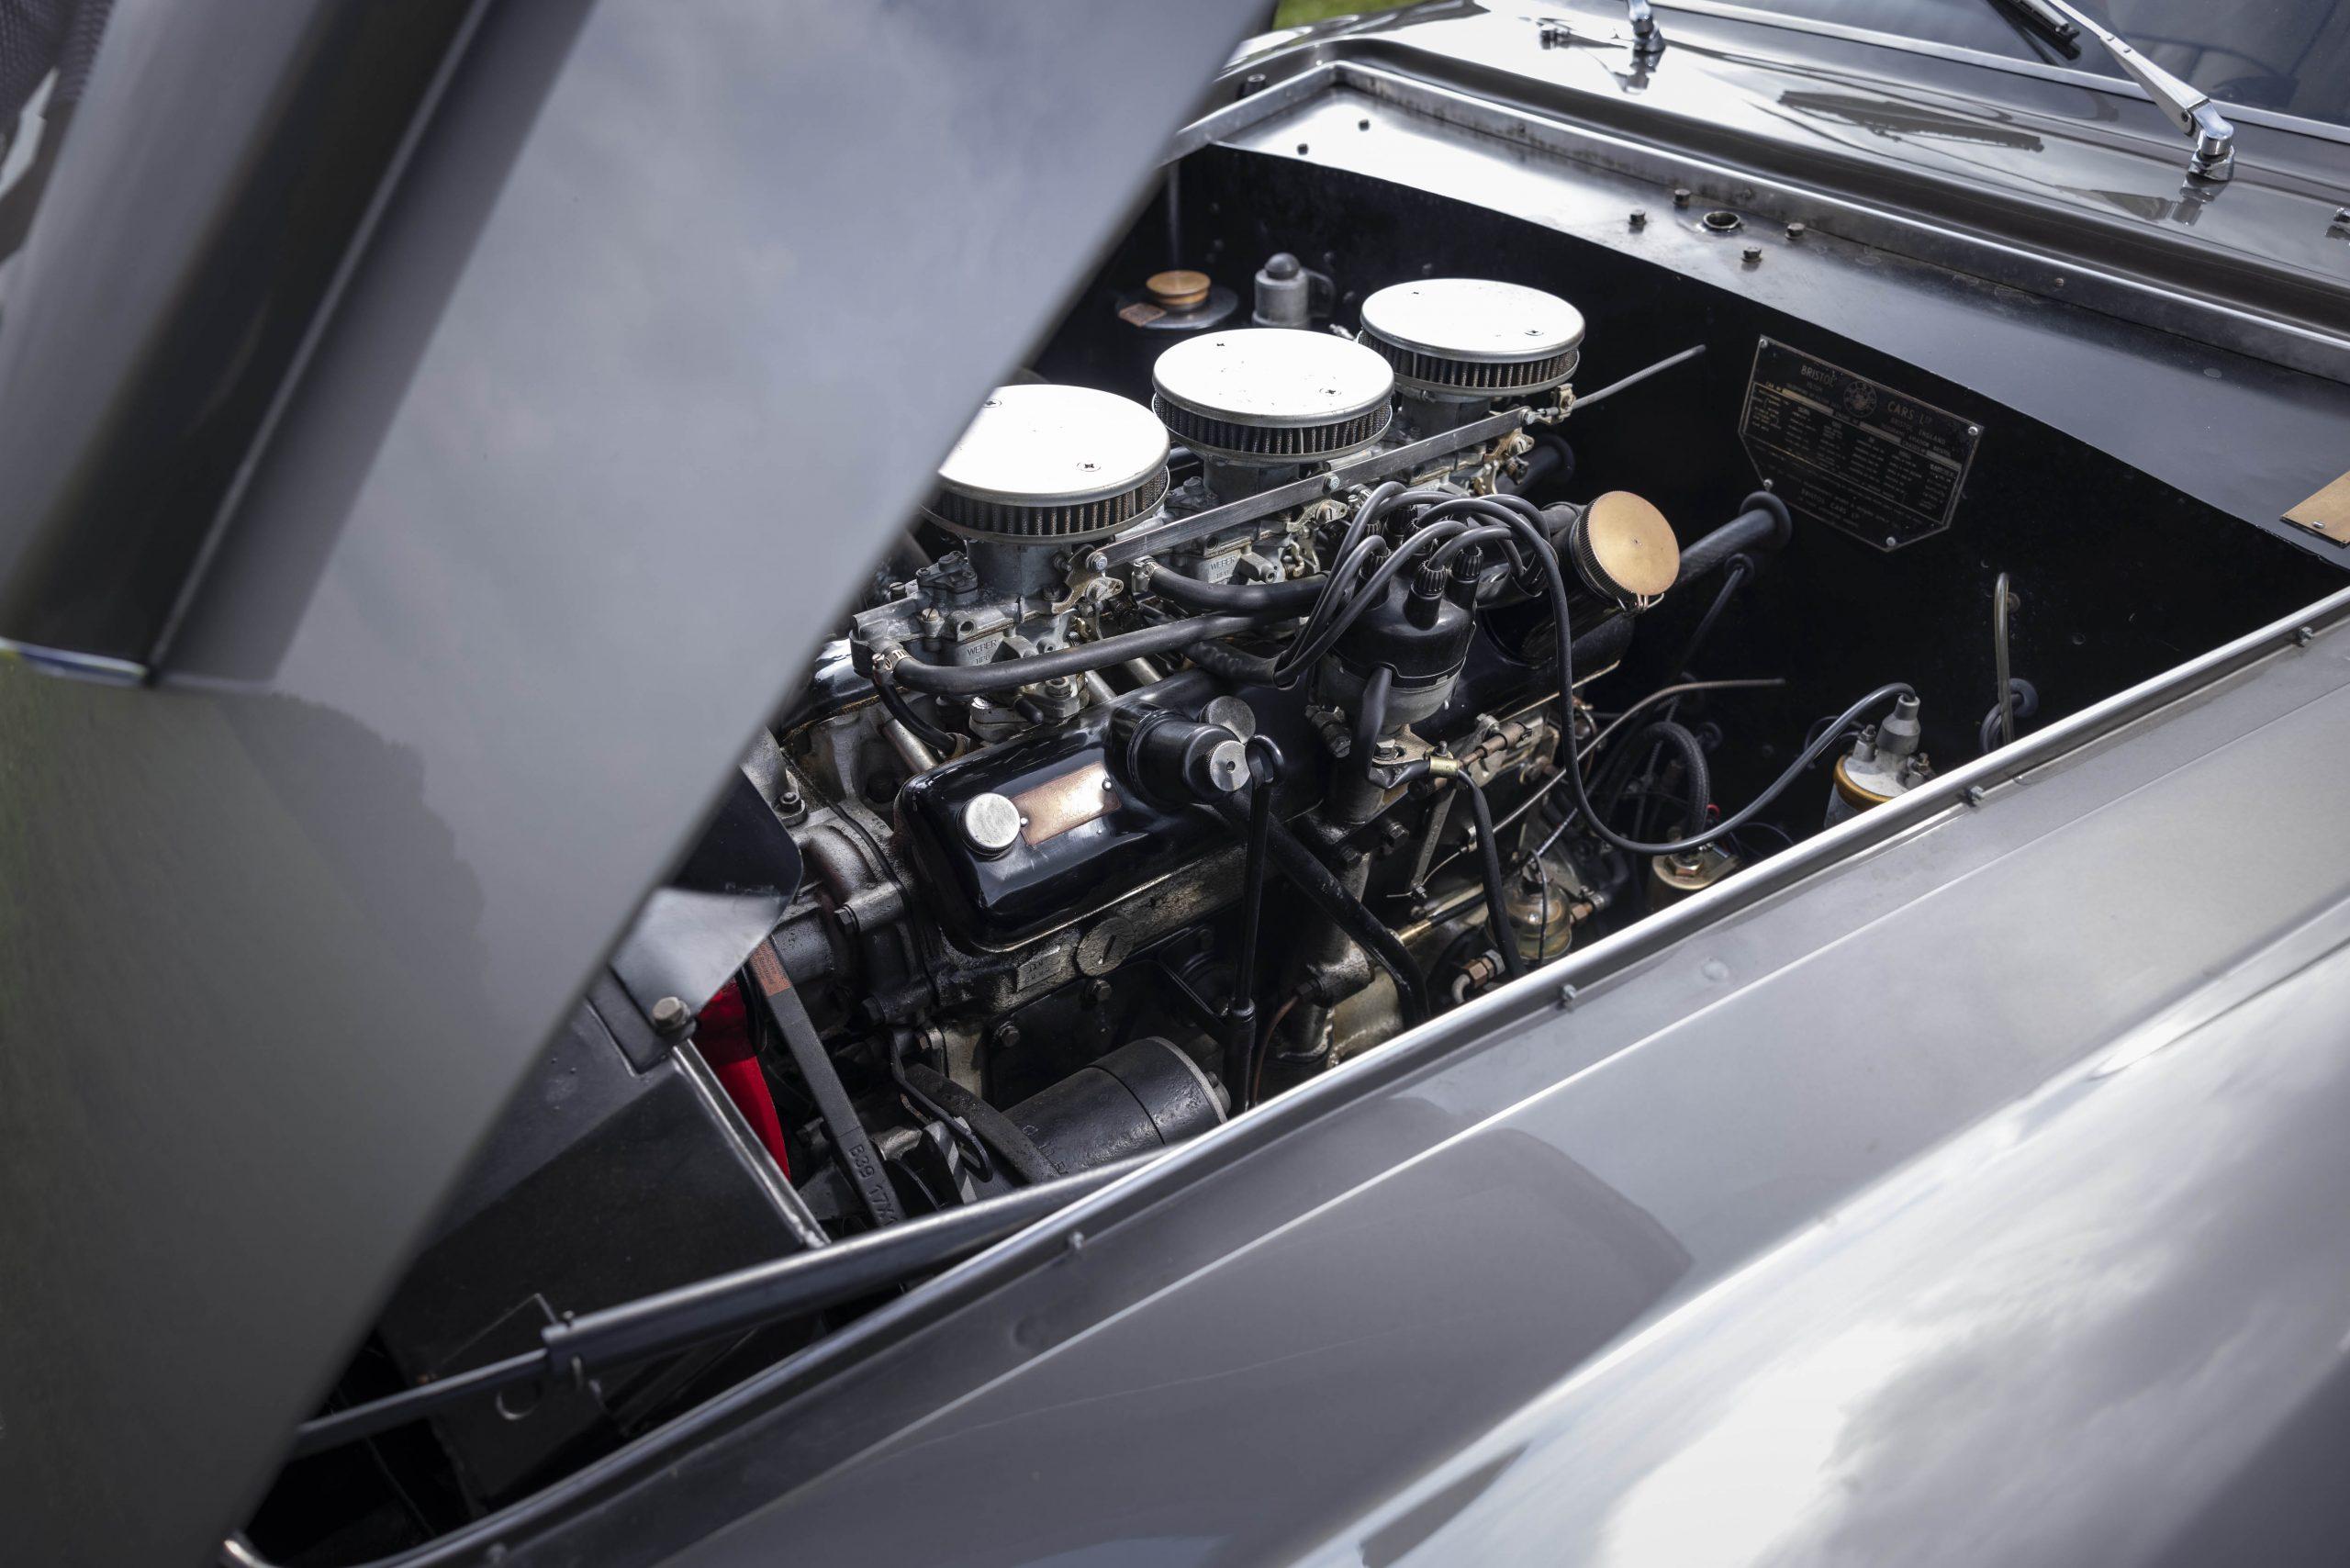 Zagato-bodied Bristol 406 engine